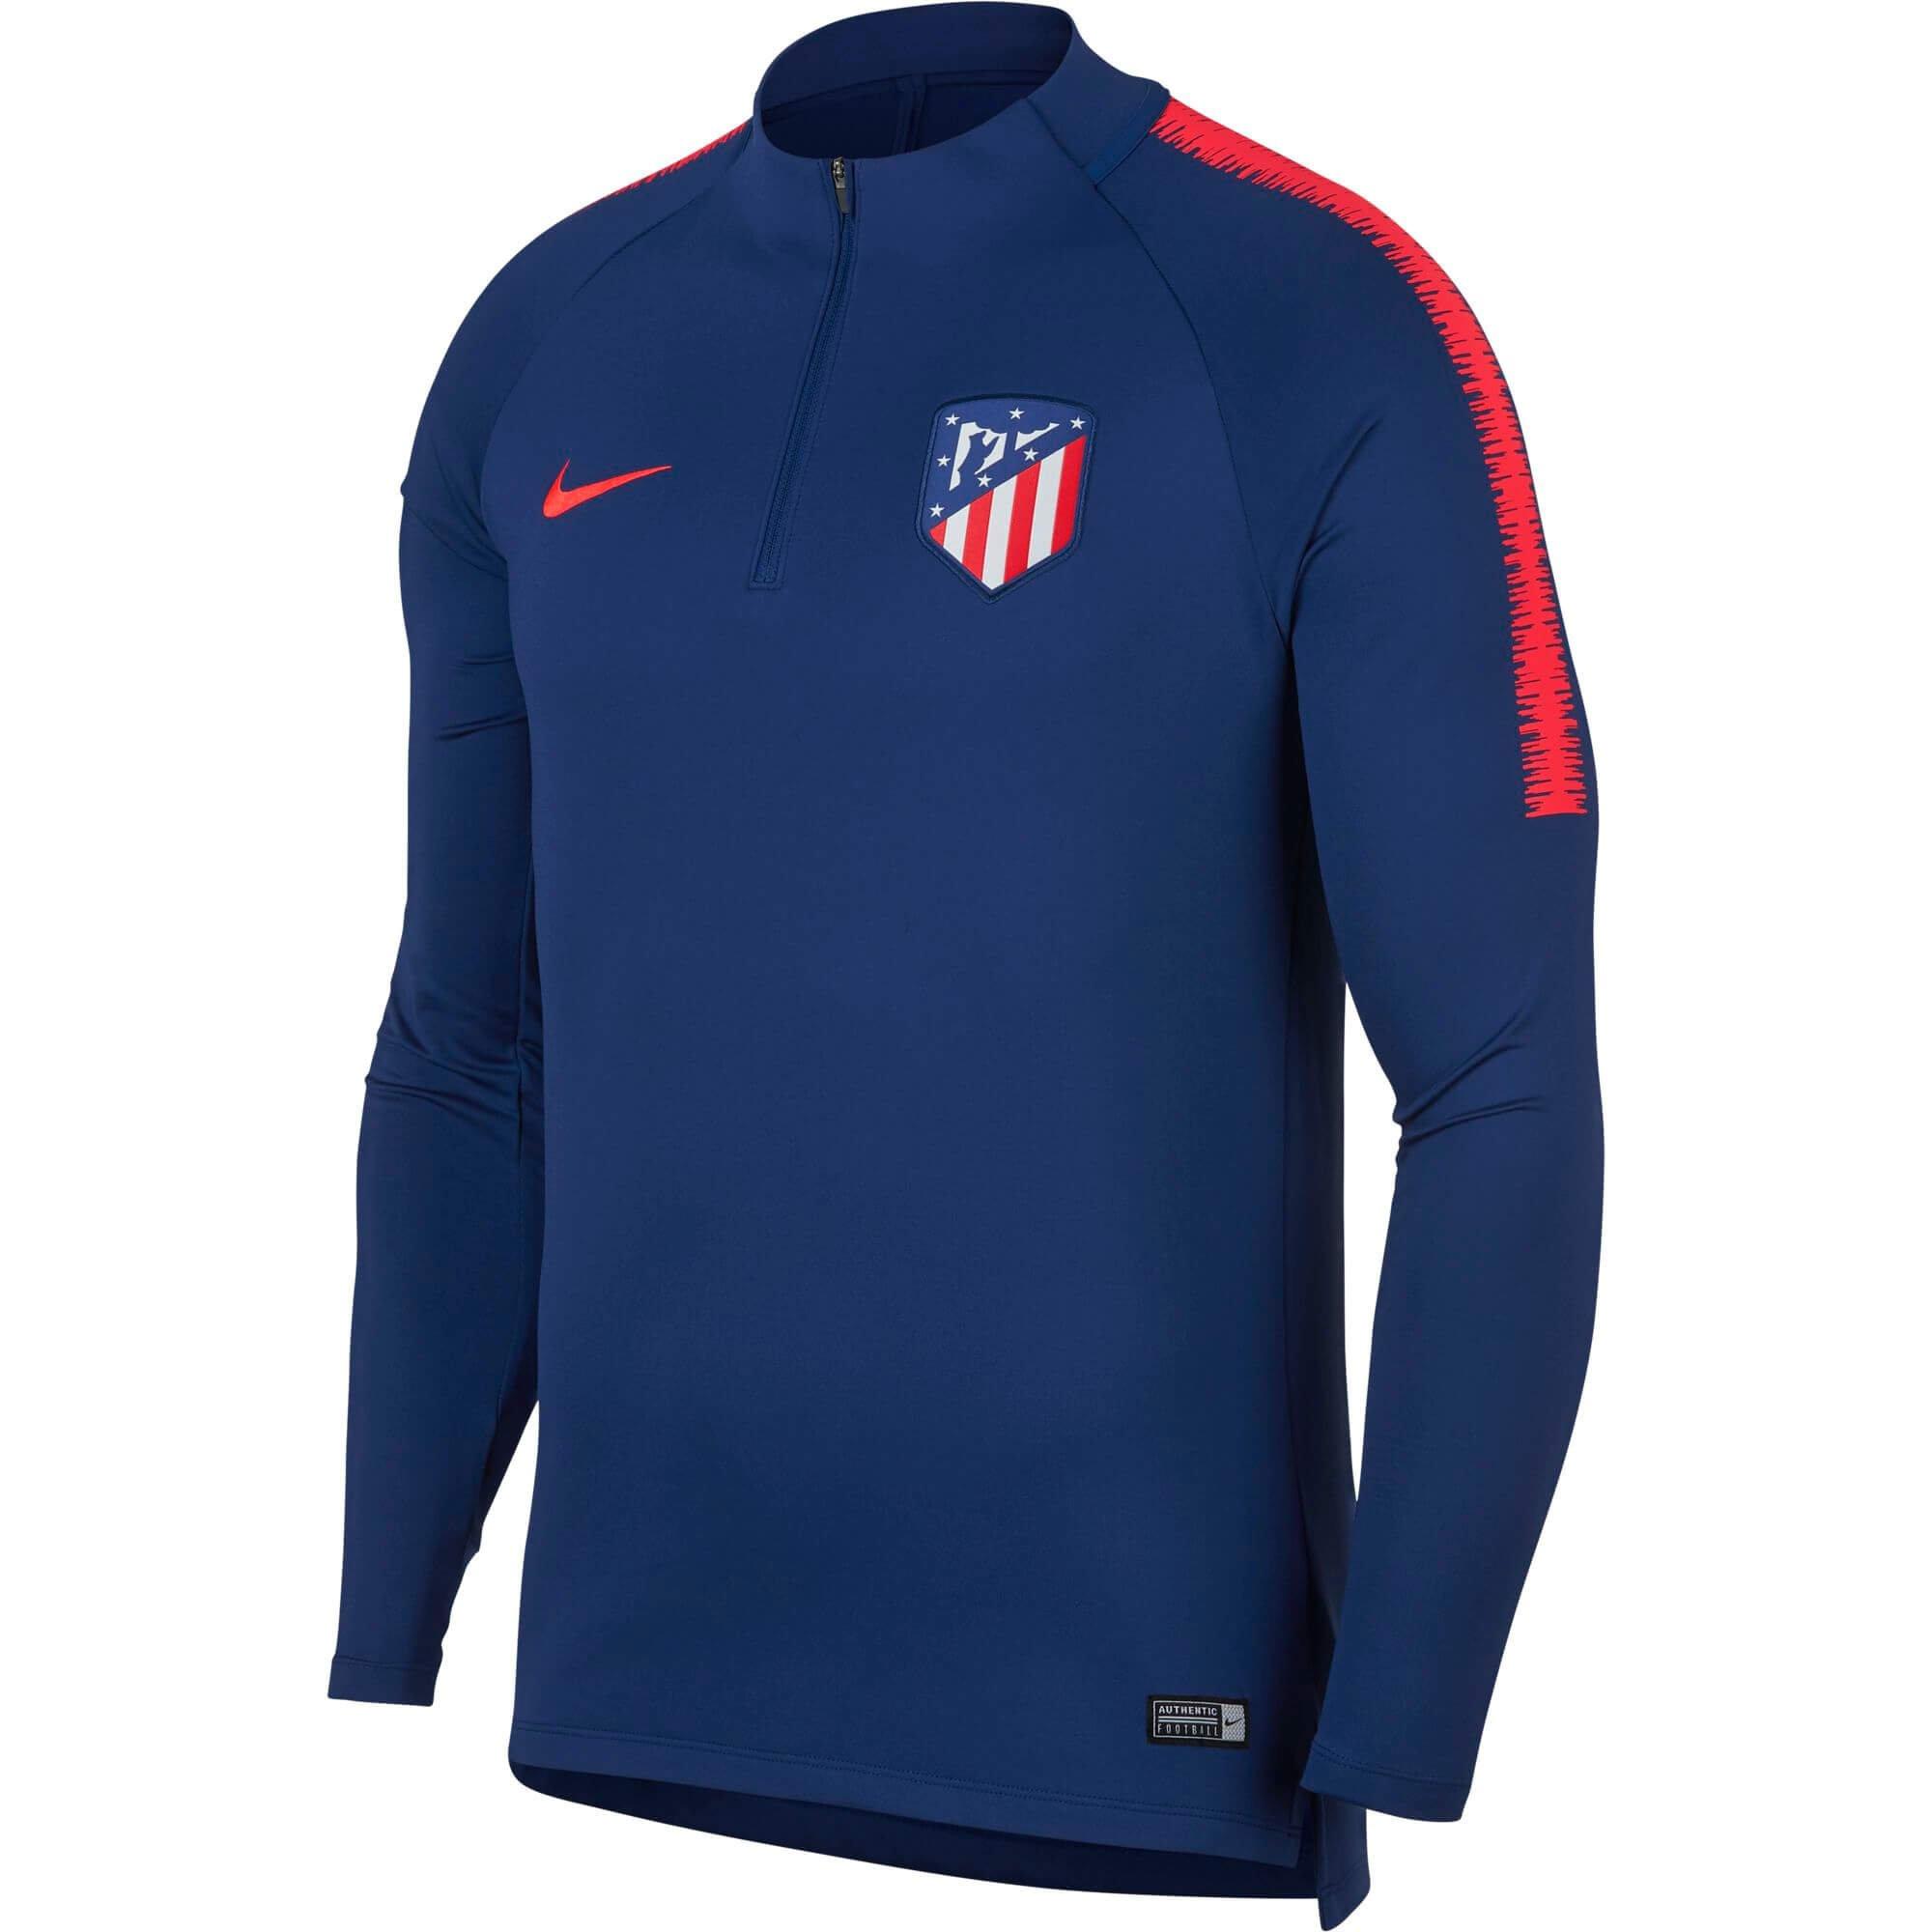 Maillot THIRD Atlético de Madrid Entraînement